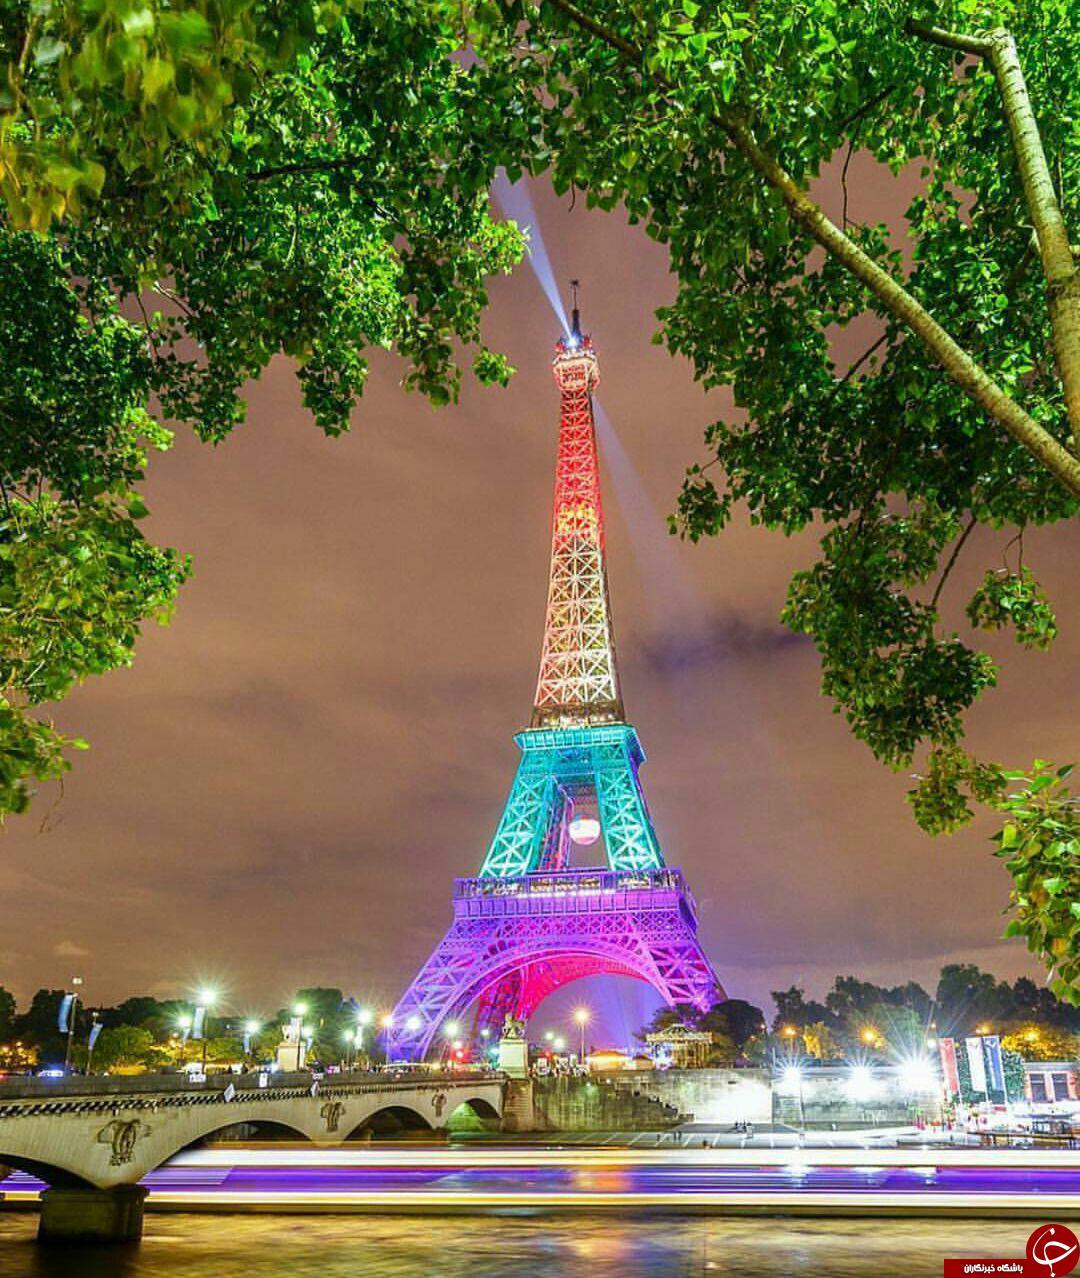 نورپردازی خیره کننده برج ایفل+ عکس